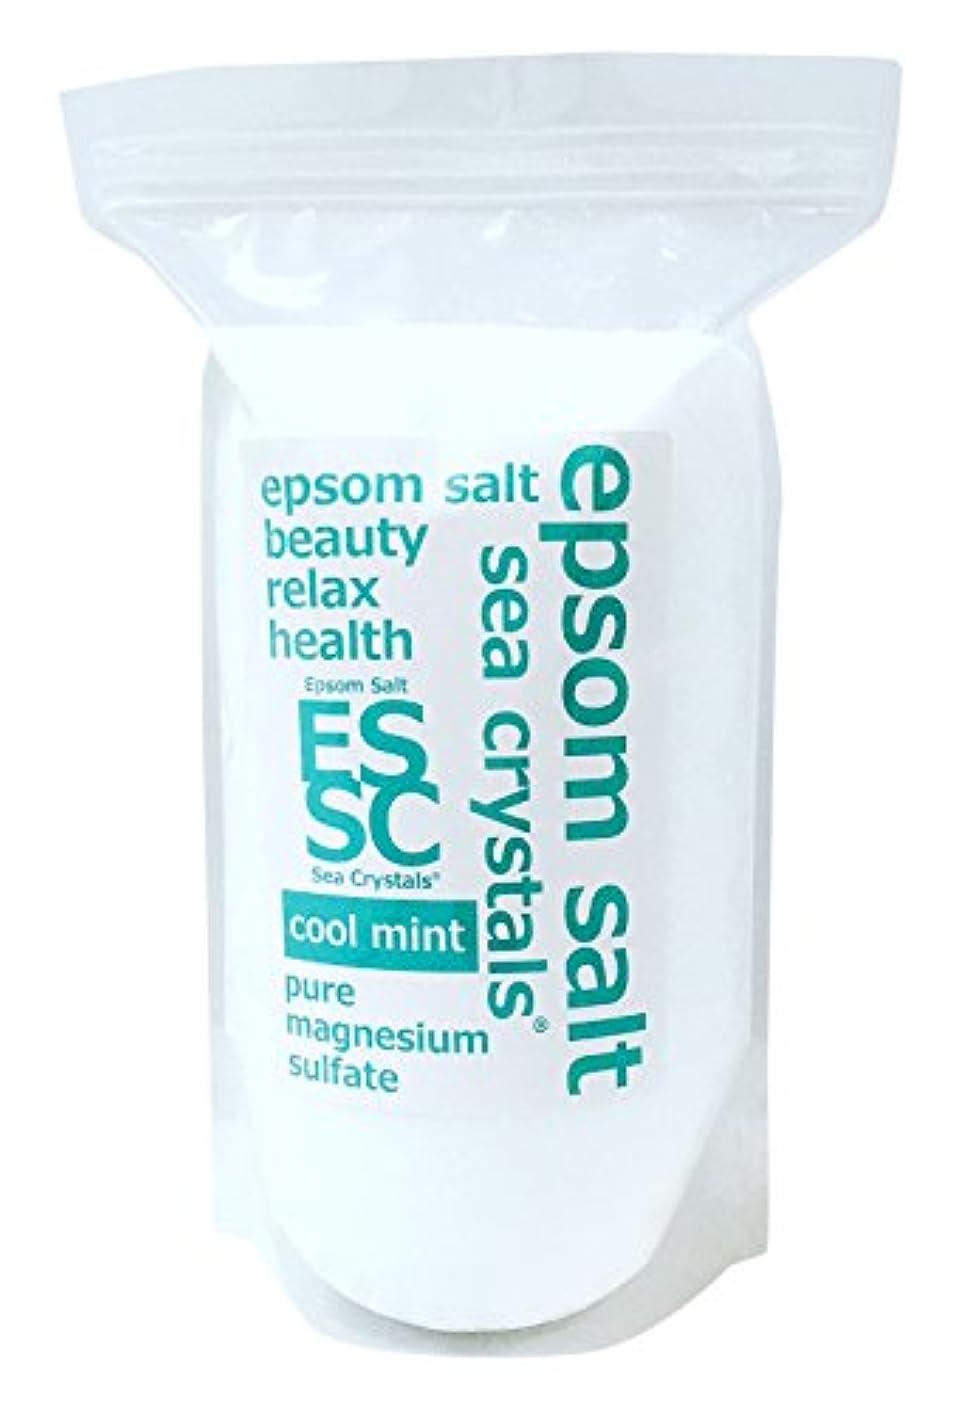 アクセサリー感嘆符仕立て屋シークリスタルス 国産 エプソムソルト(硫酸マグネシウム) クールミント2.2kg 浴用化粧品 計量スプーン付